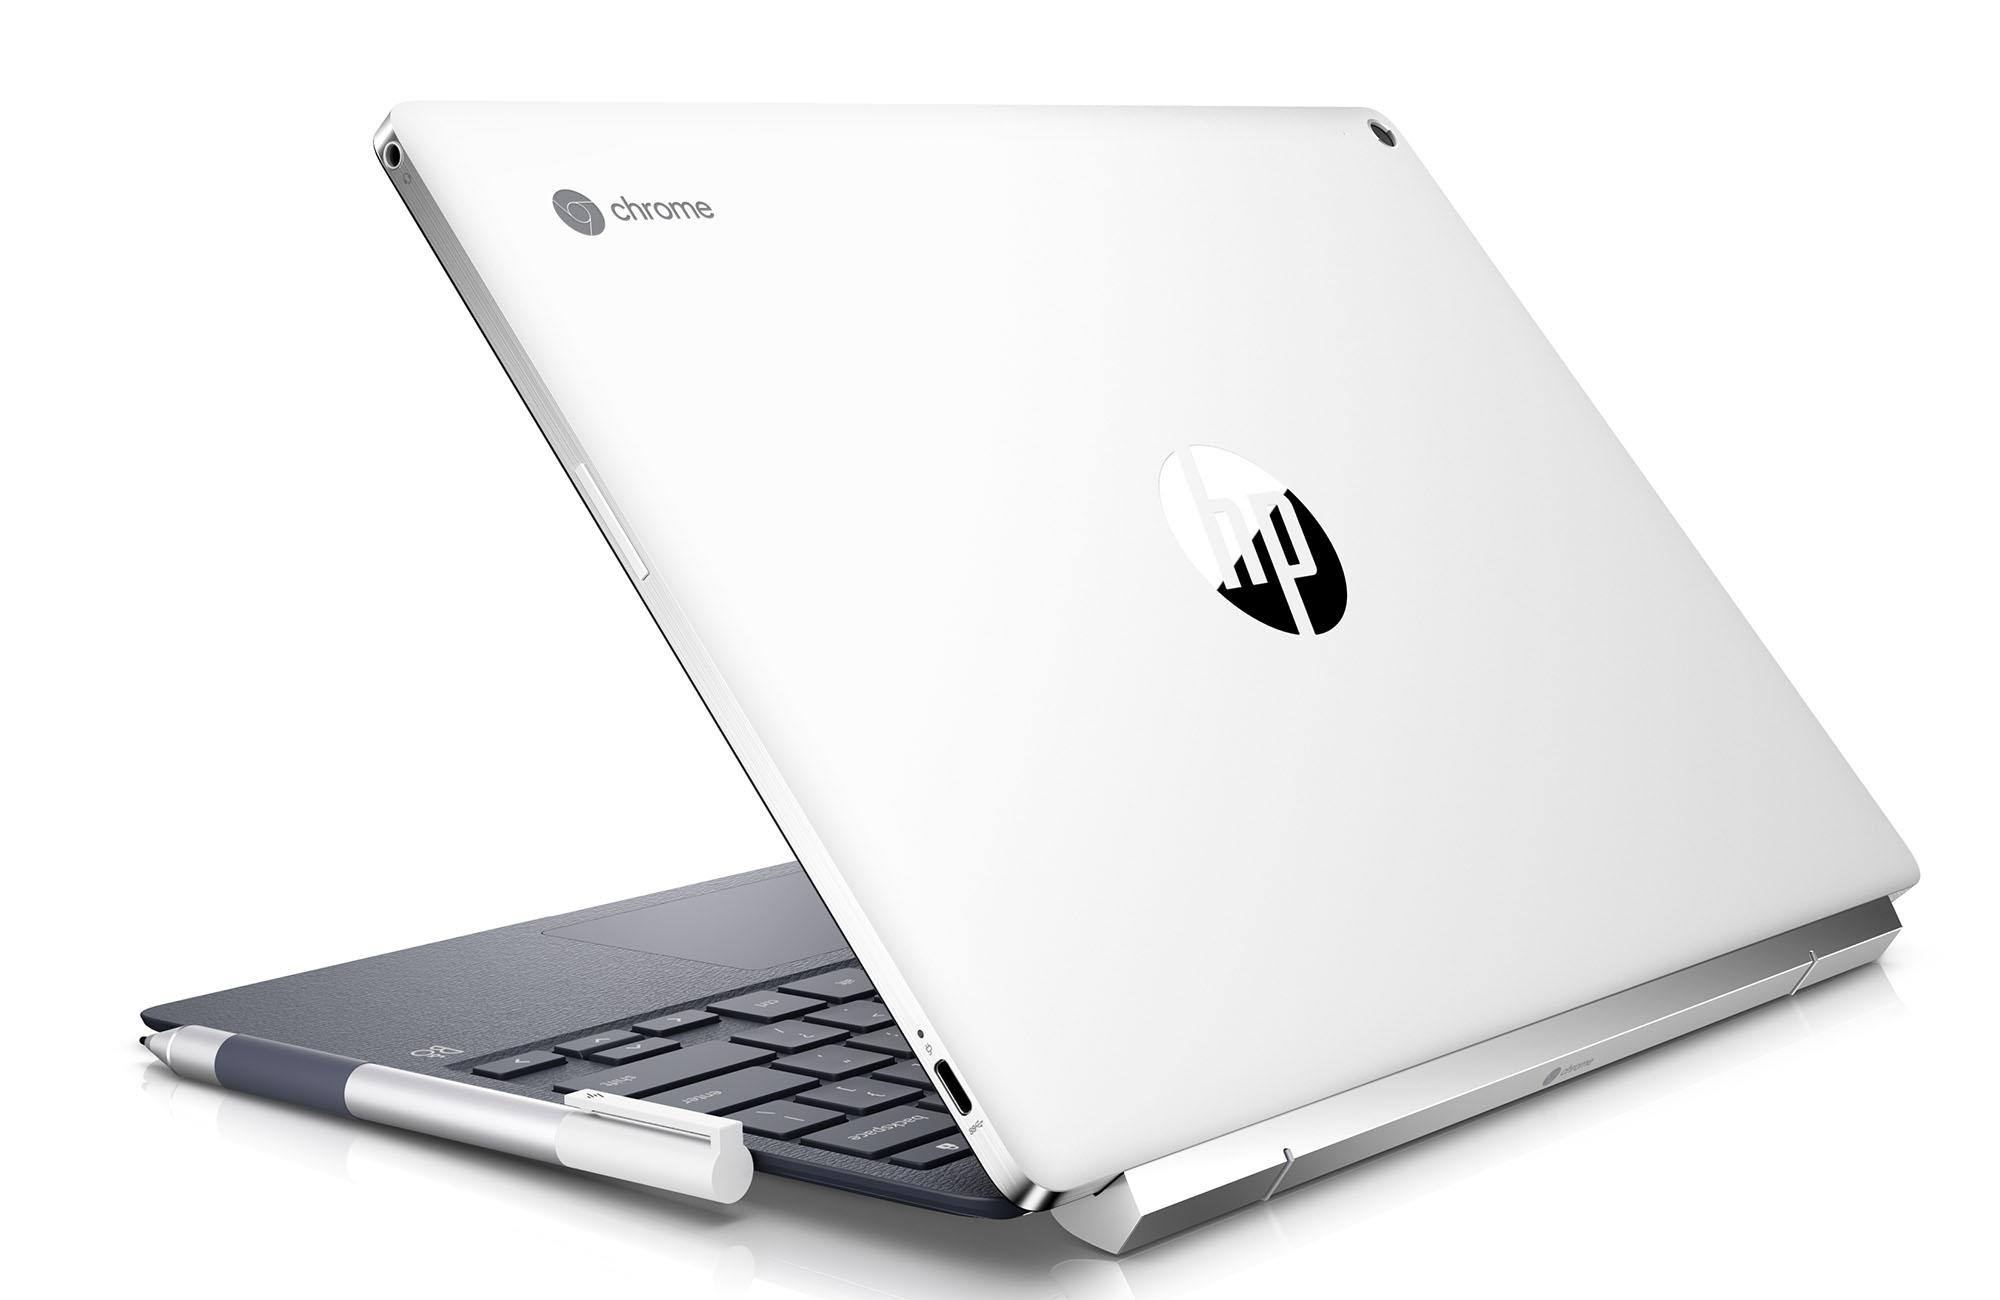 ce82967fcc3669 HP dévoile le chromebook x2, une tablette convertible en PC portable sous  Chrome OS - Tech - Numerama